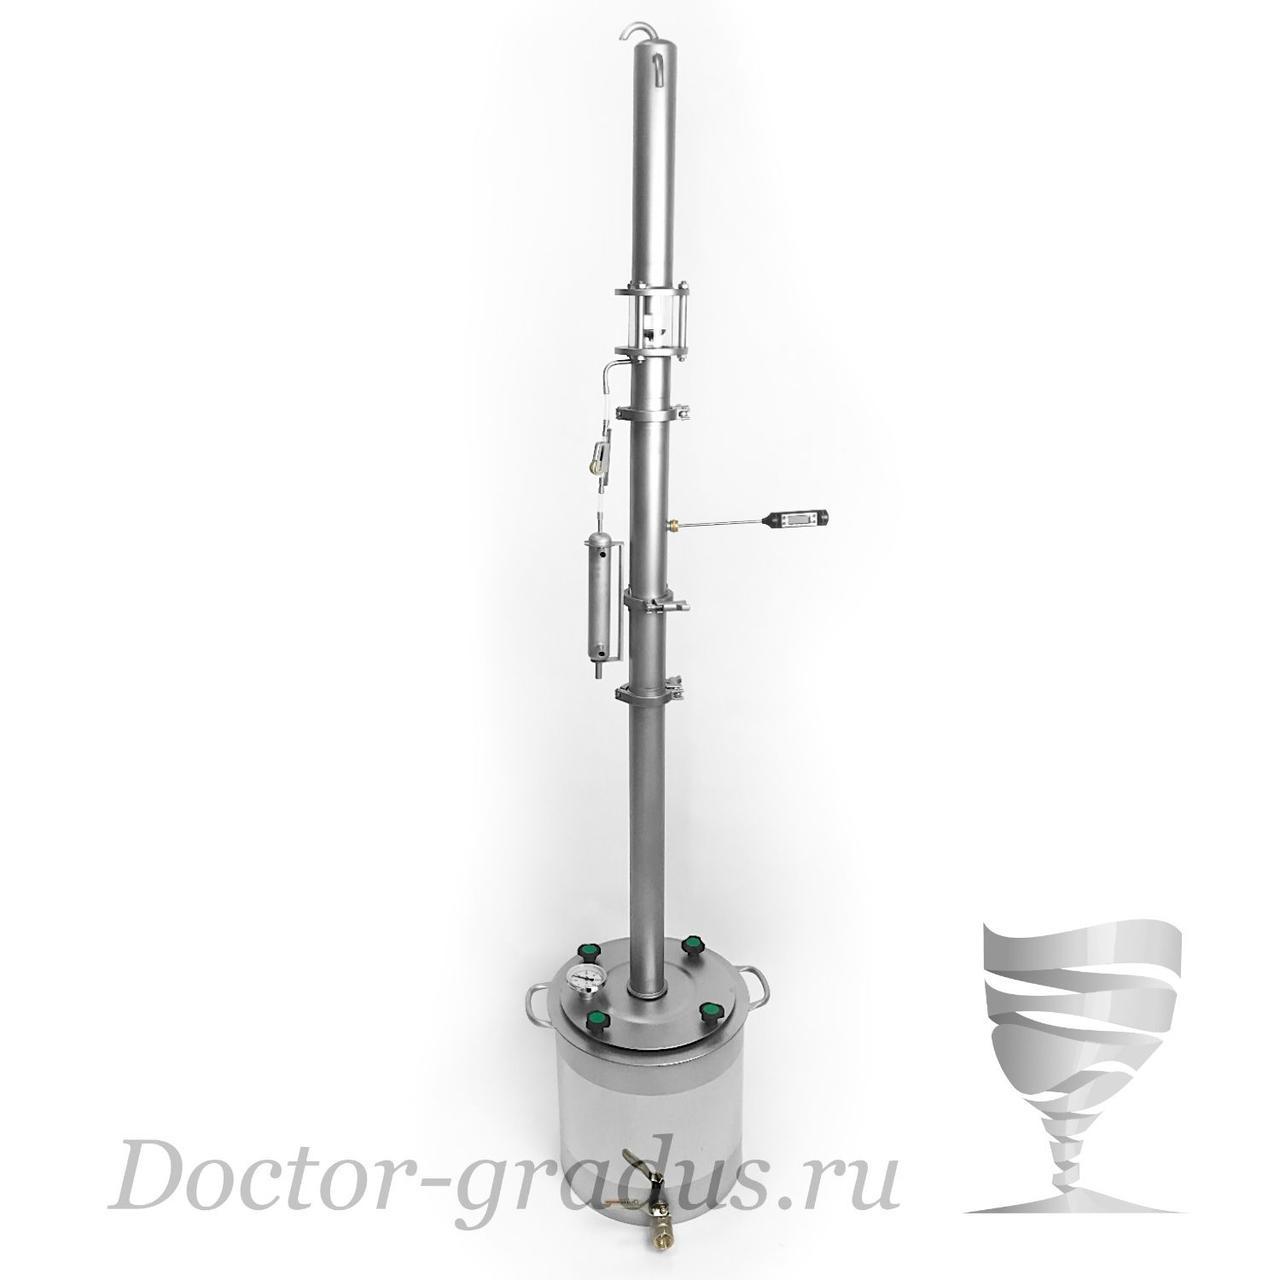 """Дистиллятор  Доктор Градус """"Стиллмен-Космо S""""  с кубом 50 литров"""